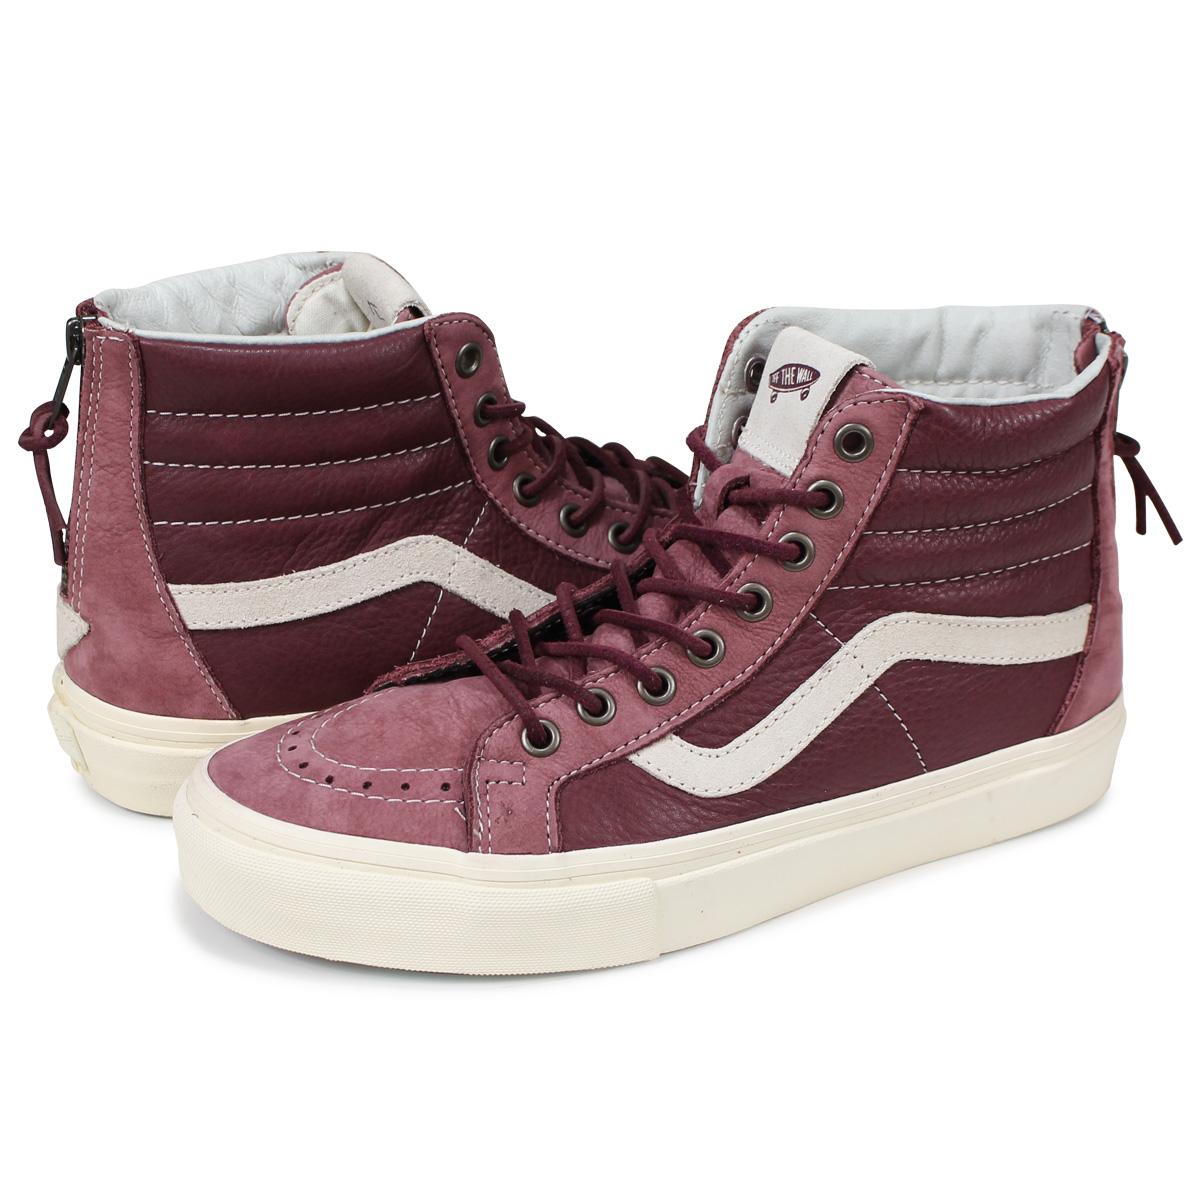 e07825c7c7 Whats up Sports  VANS SK8-HI VAULT REISSUE ZIP LX sneakers men vans ...